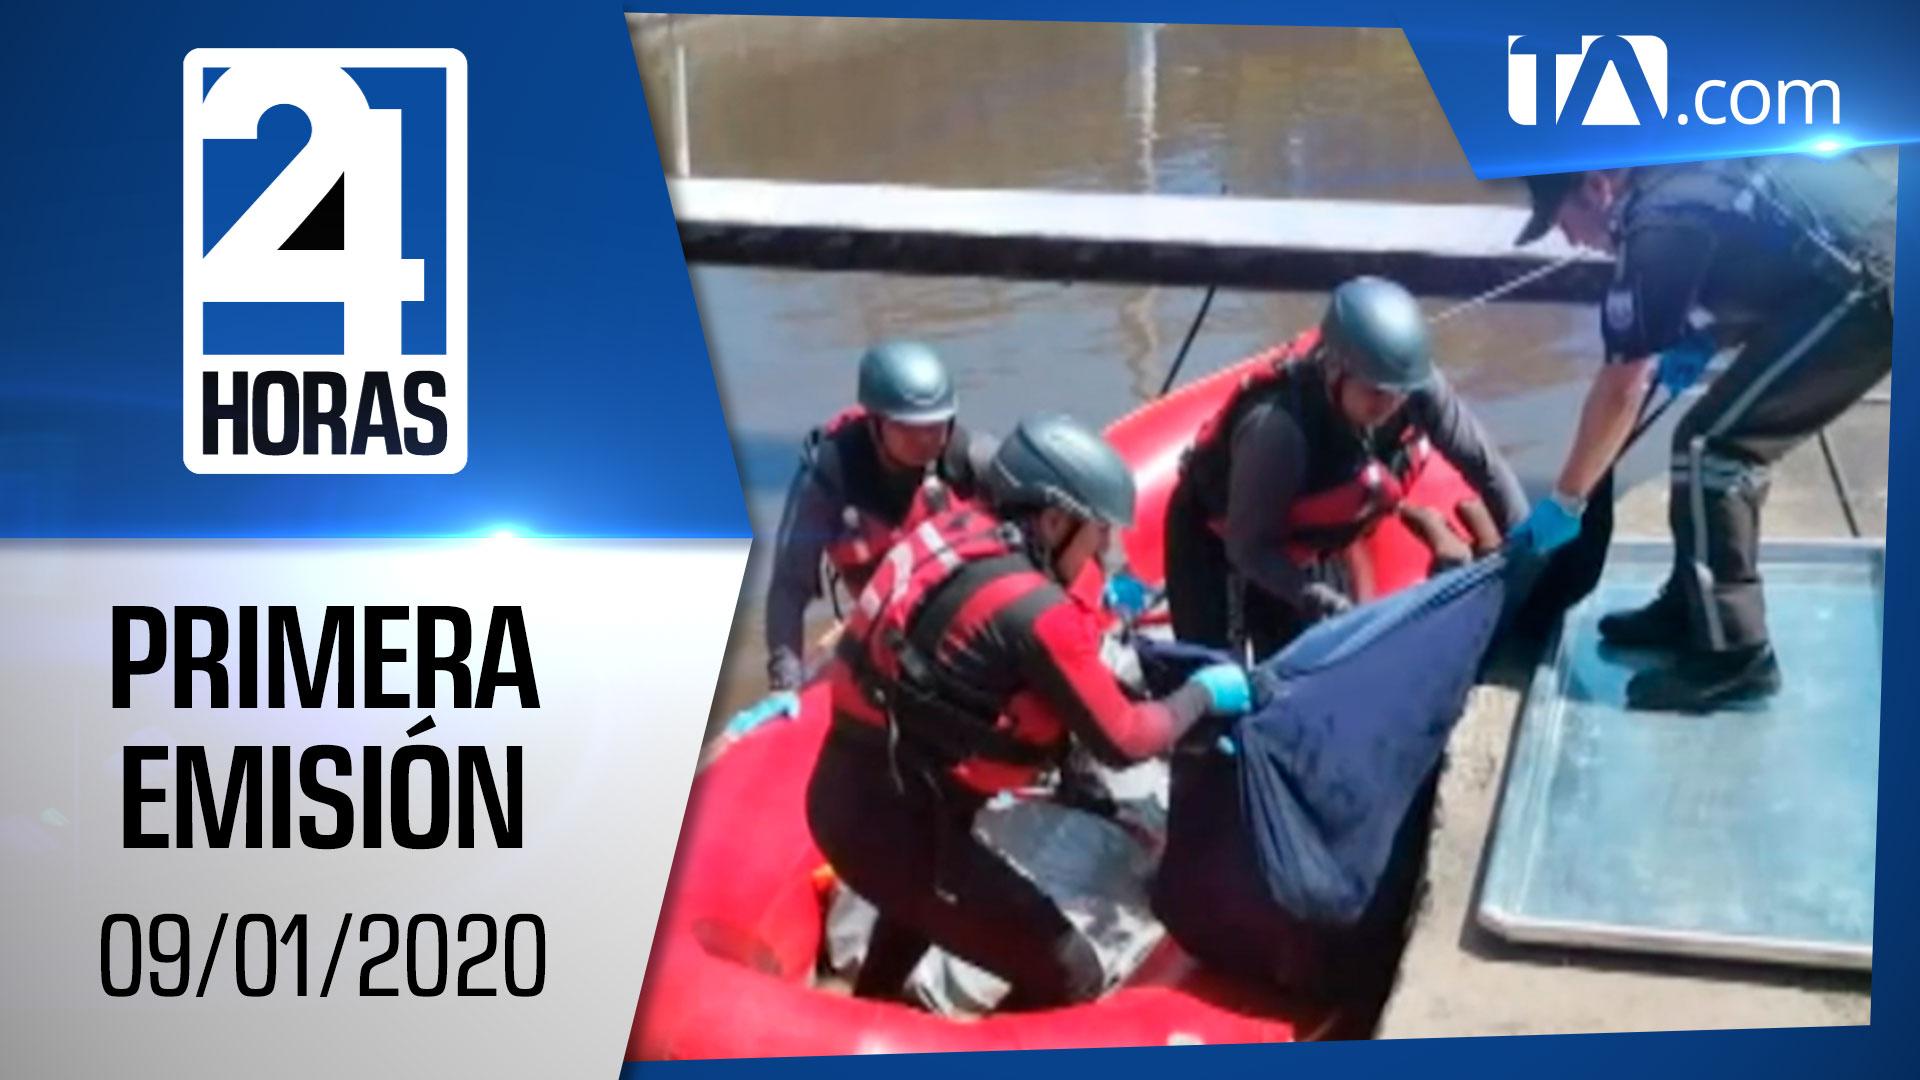 Noticias Ecuador: Noticiero 24 Horas 09/01/2020 (Primera Emisión)